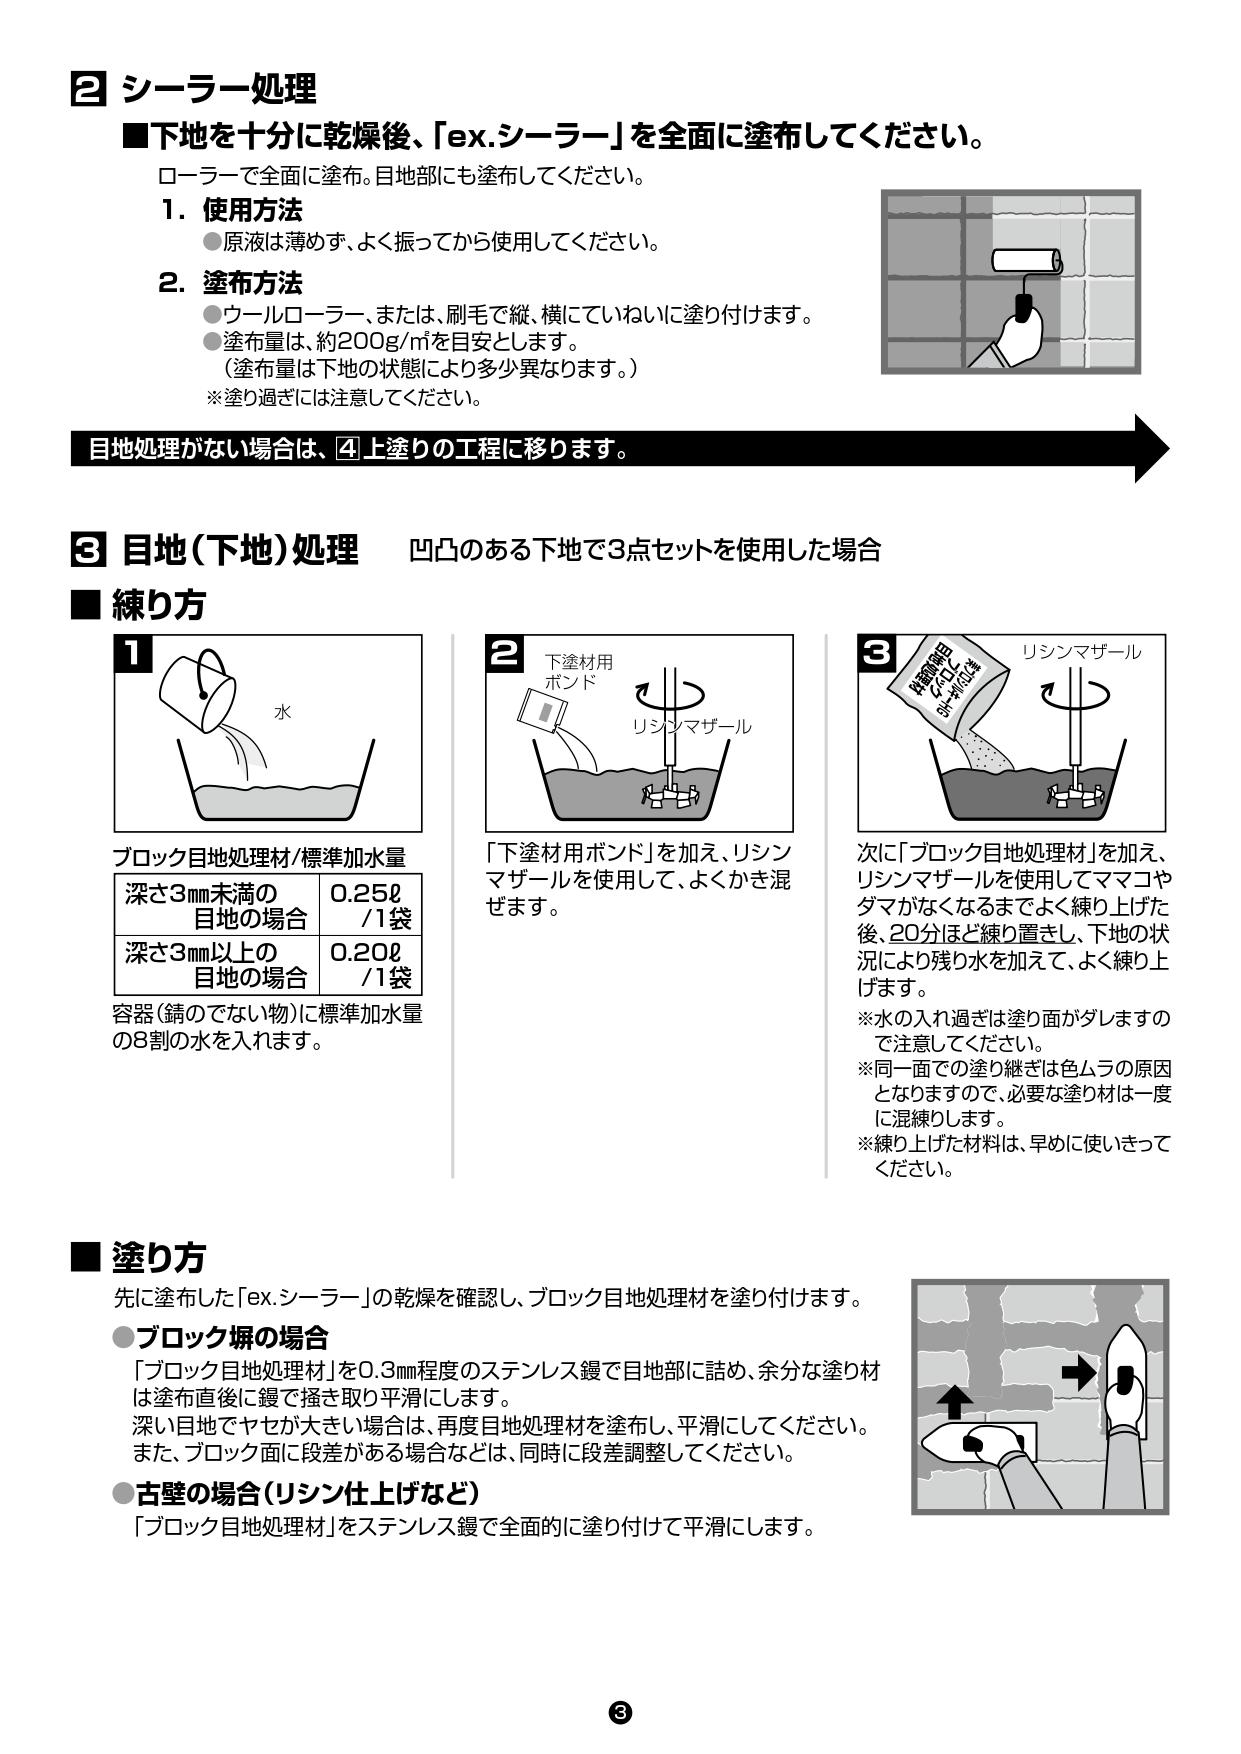 美ブロシルキーHG 施工説明書_page-0003